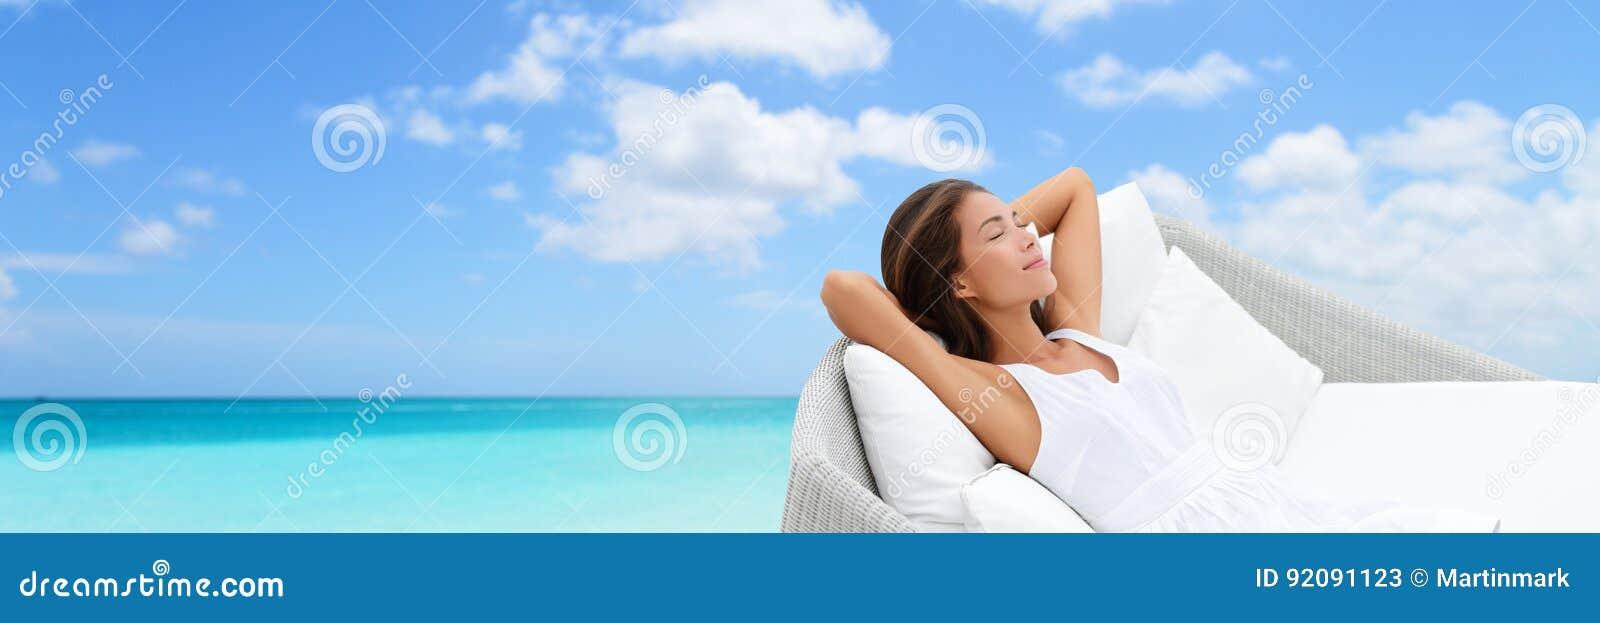 Роскошная женщина каникул ослабляя на кушетке пляжа